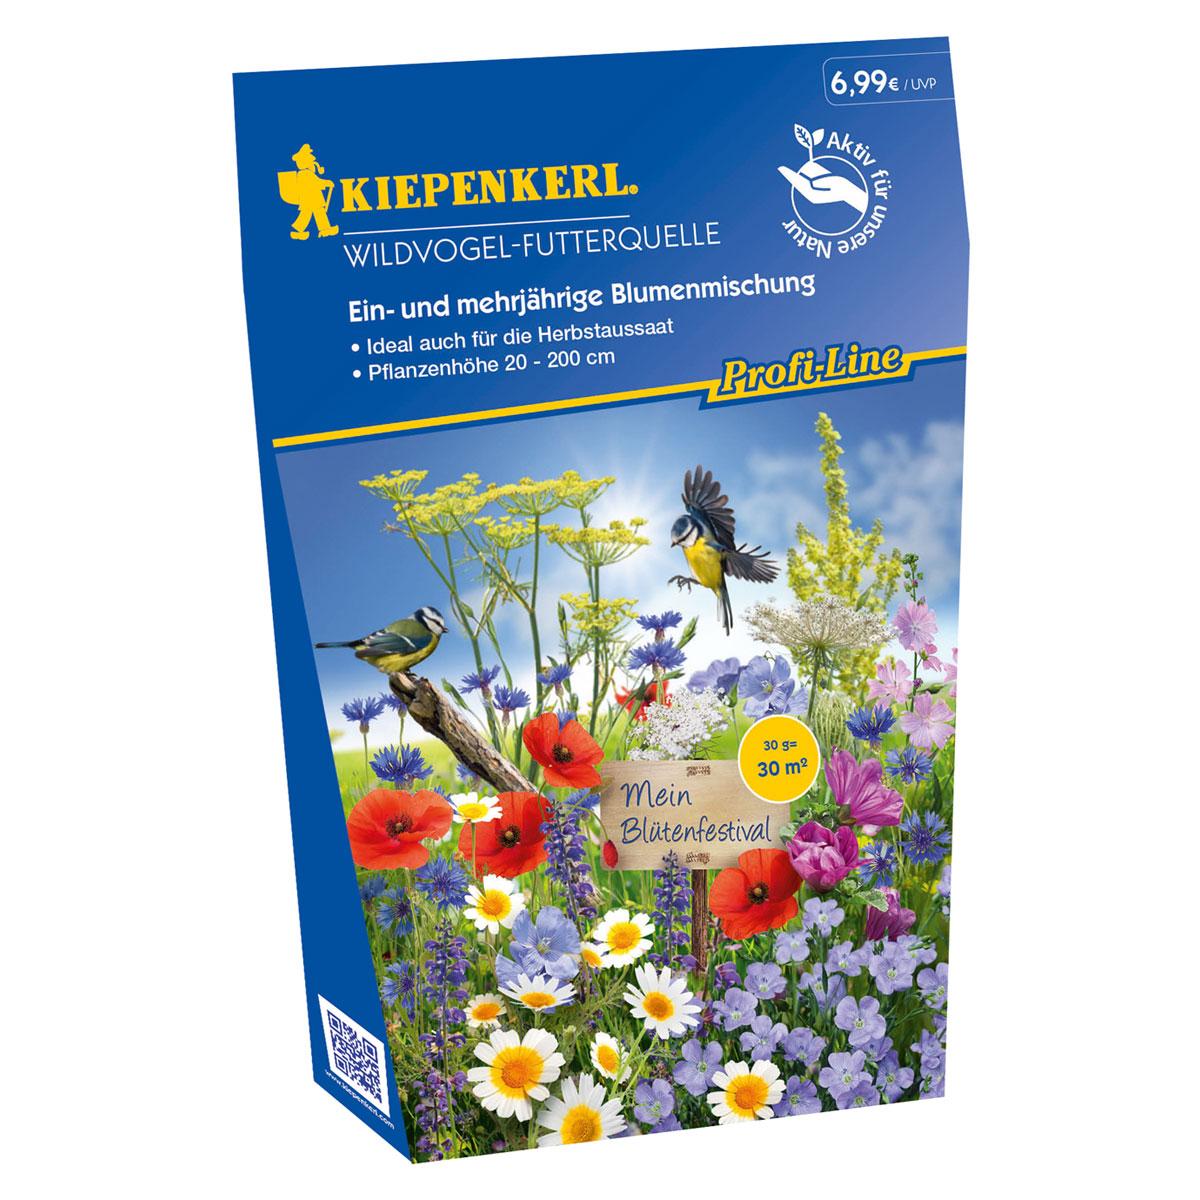 """Kiepenkerl Blumenmischung """"Wildvogel-Futterquelle"""""""